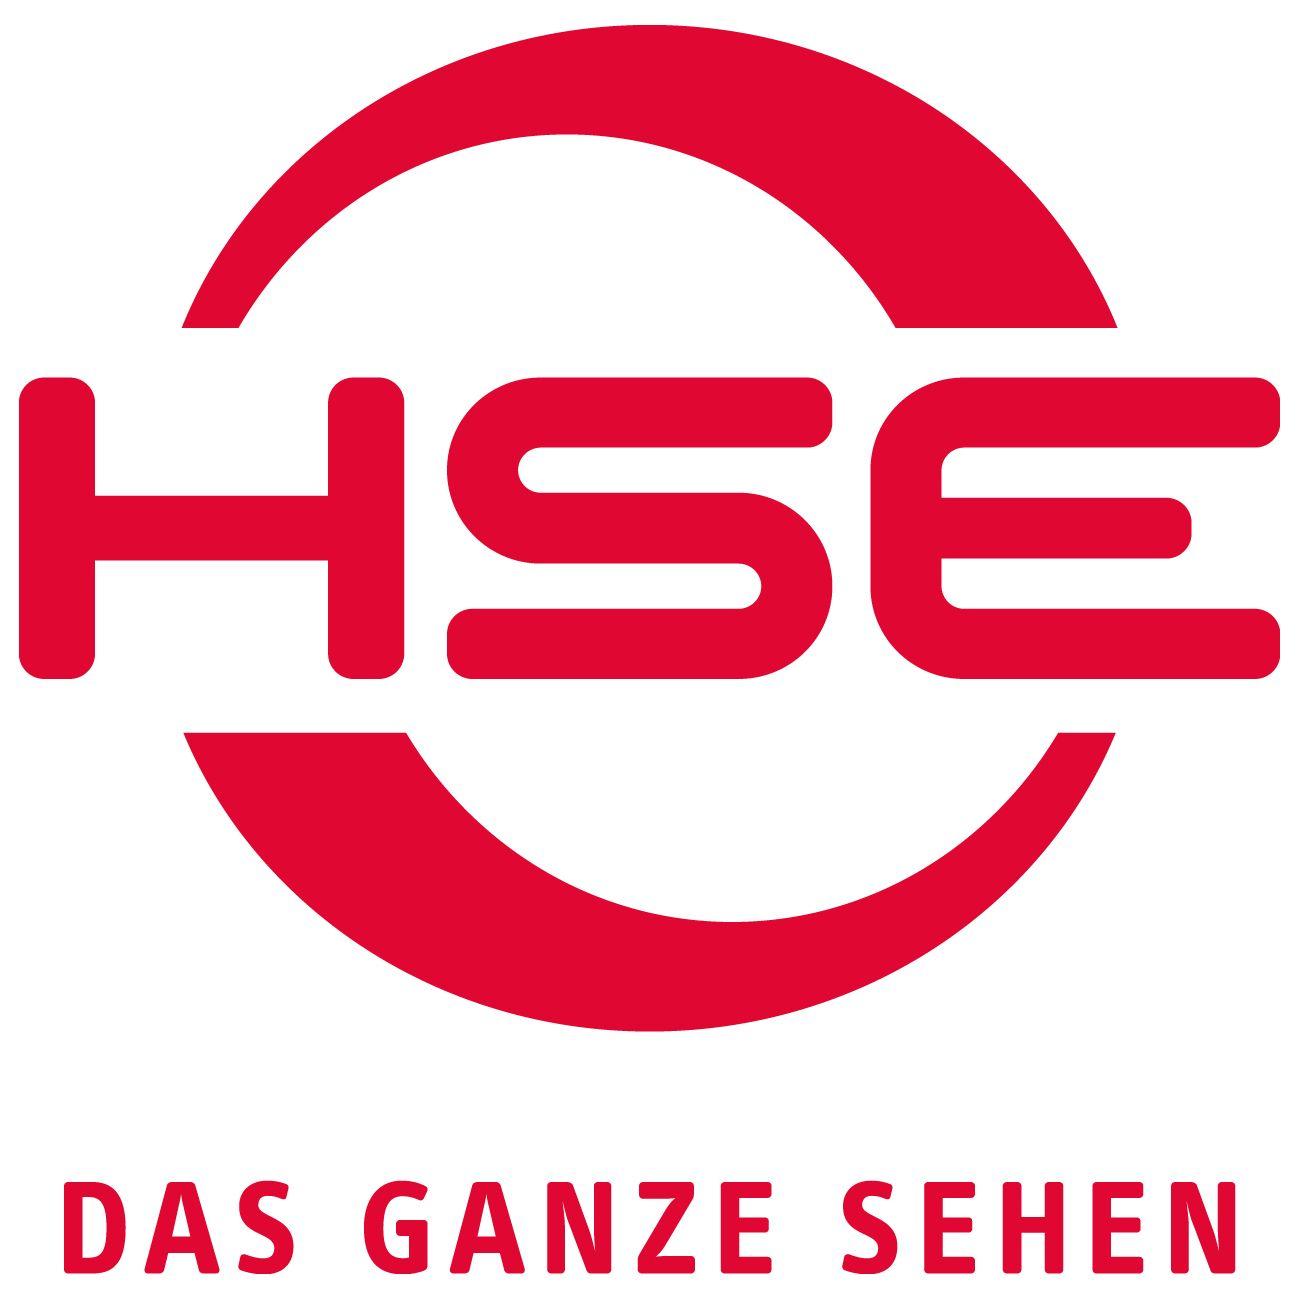 HEAG Südhessische Energie / Logo / Jung von Matt